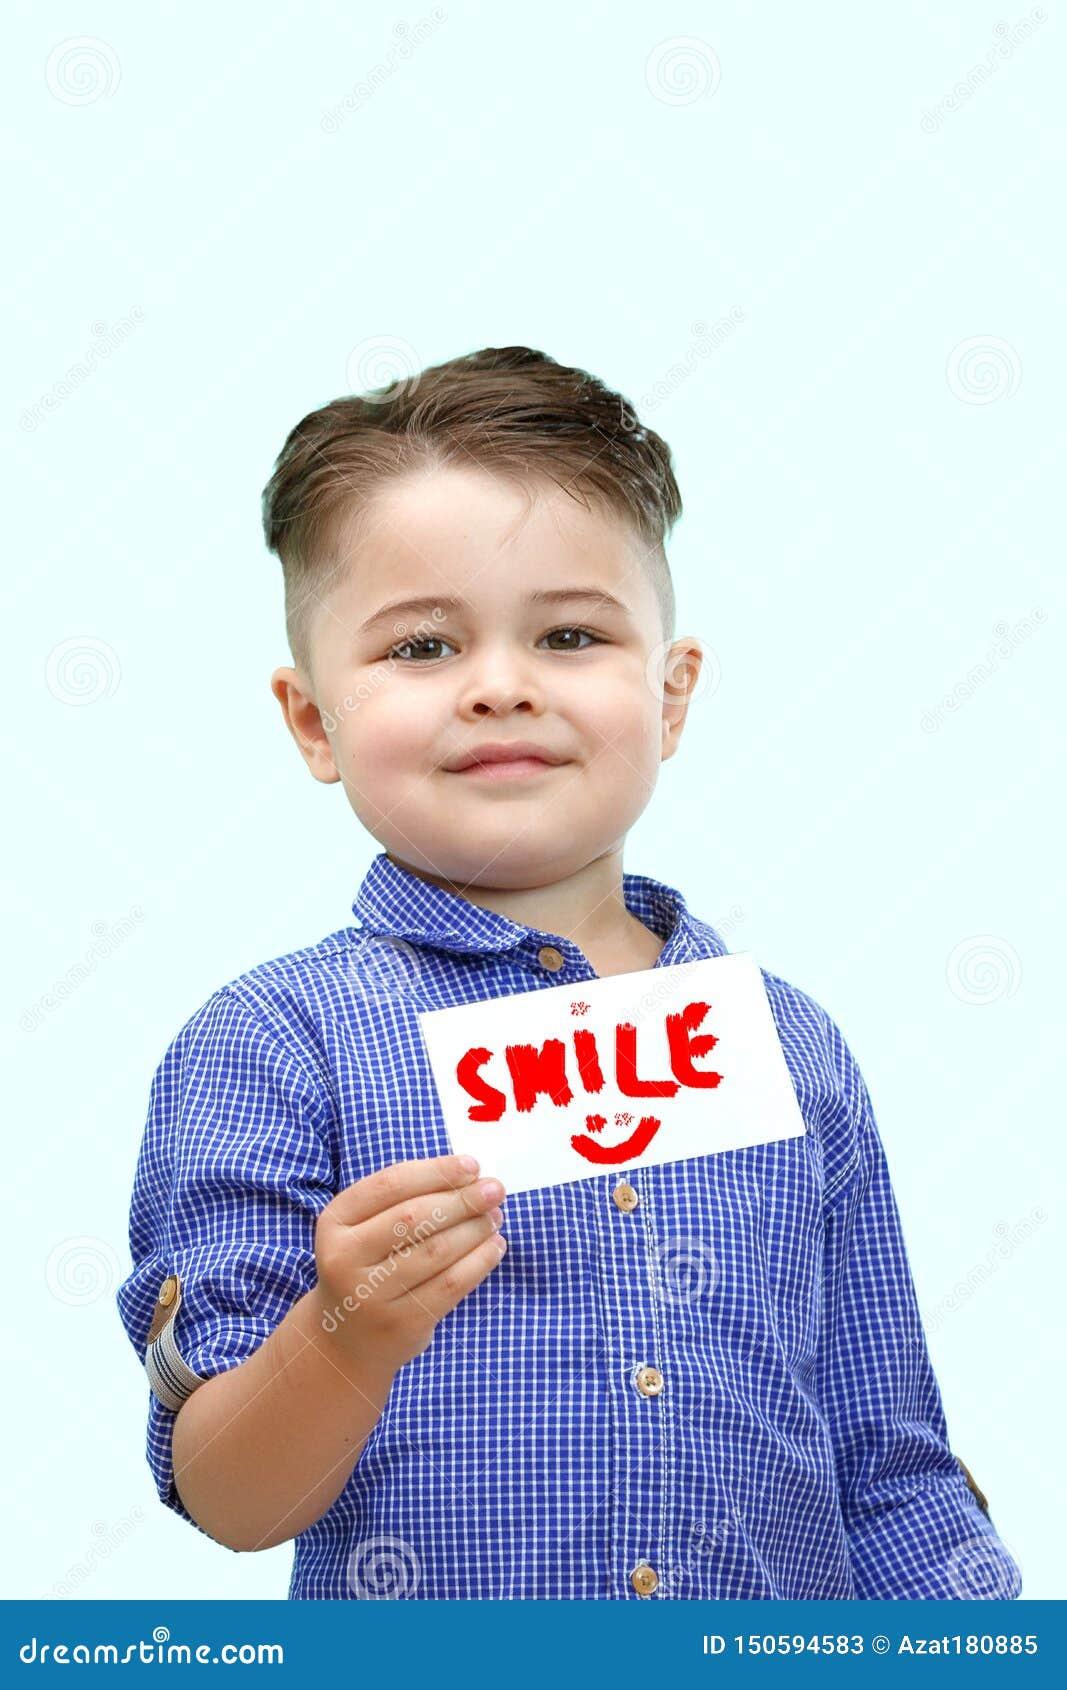 Junge, der ein Zeichen hält, das Lächeln sagt